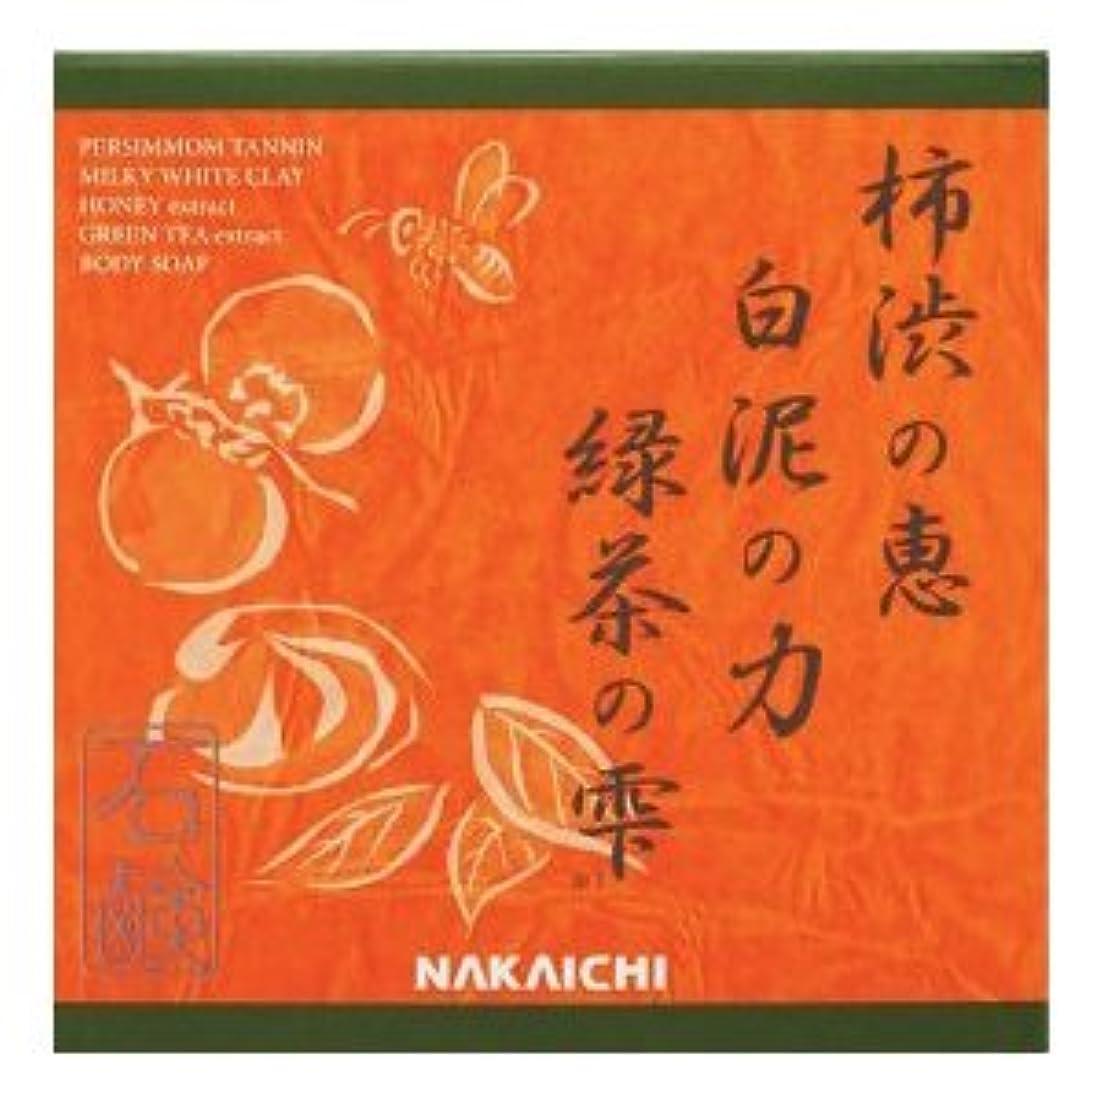 立ち向かう好きである義務柿渋の恵み?白泥の力?緑茶の雫  Nakaichi クリアボディーソープ  100g  (化粧品)